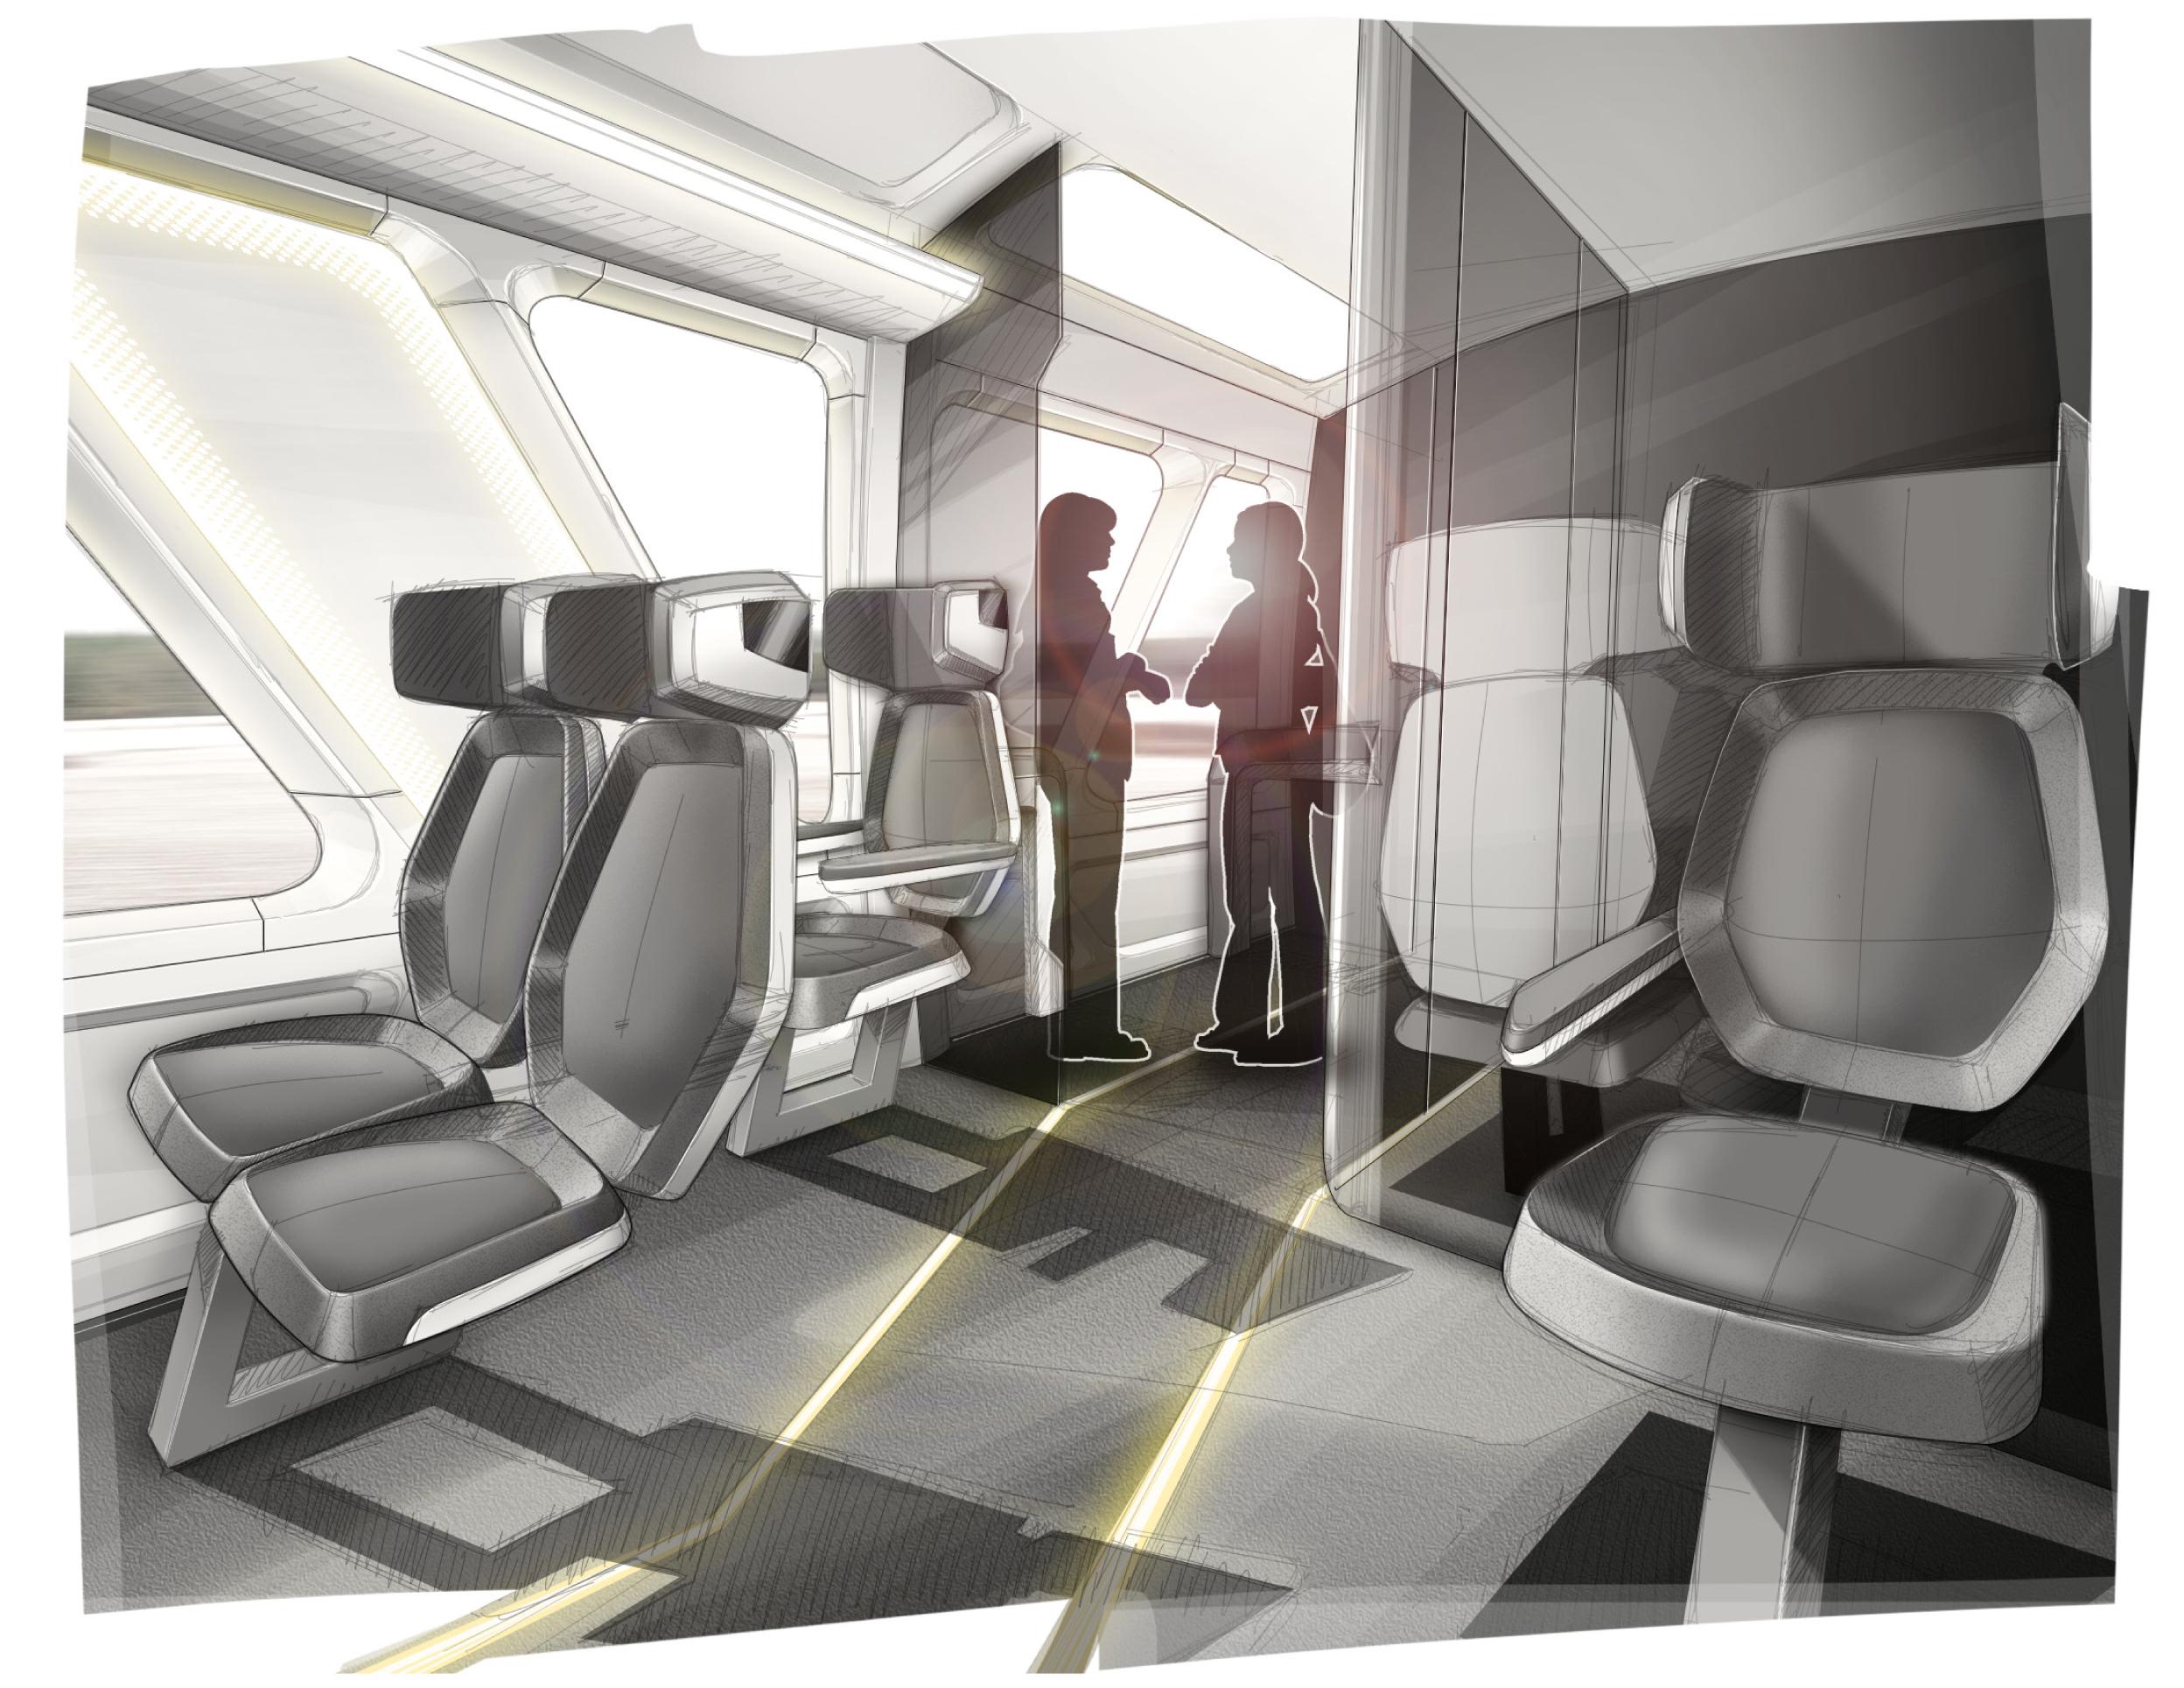 TCHx - Hochgeschwindigkeits Zug Interior Design in Organoblech Bauweise